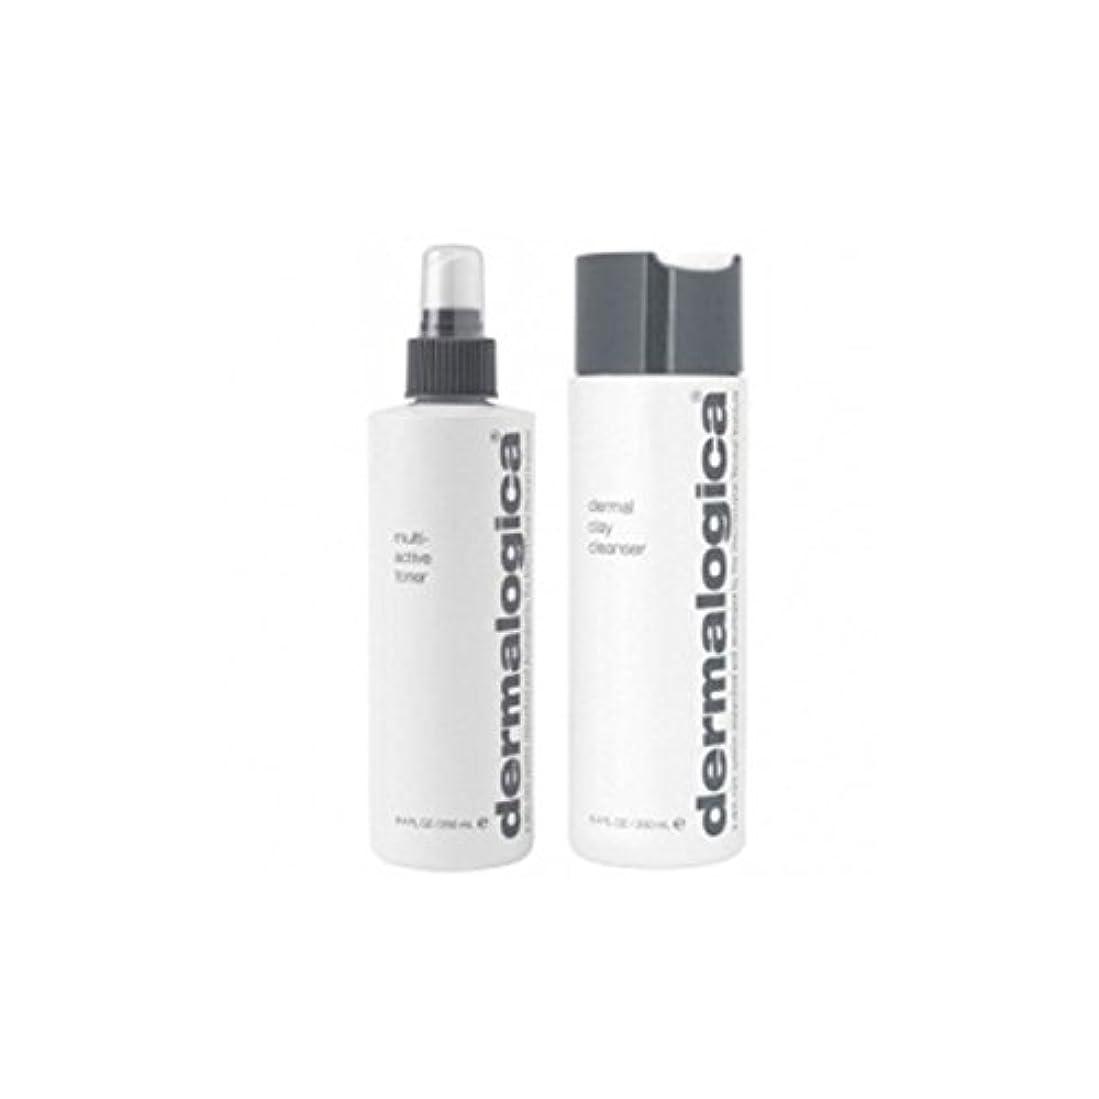 内部極小死んでいるDermalogica Cleanse & Tone Duo - Oily Skin (2 Products) - ダーマロジカクレンジング&トーンデュオ - 脂性肌(2製品) [並行輸入品]